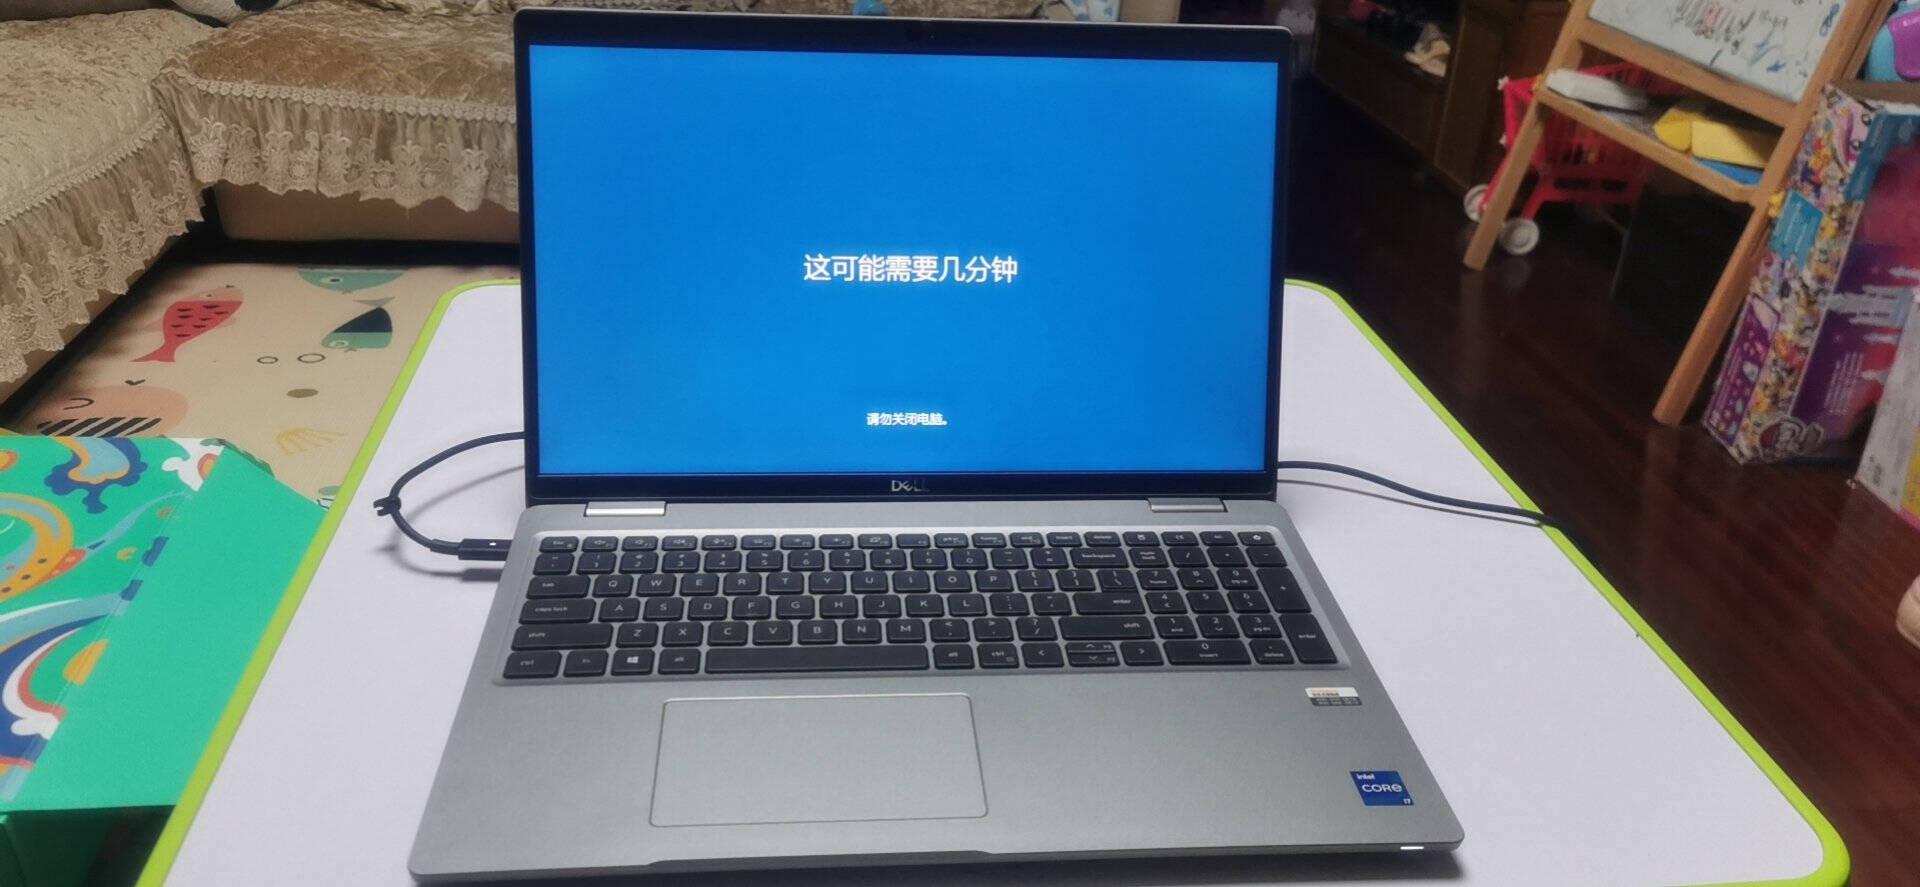 戴尔(DELL)Precision3550标企版15.6英寸移动图形工作站(i7-10510U16G1TSSDP5202G独显W10专业3年)